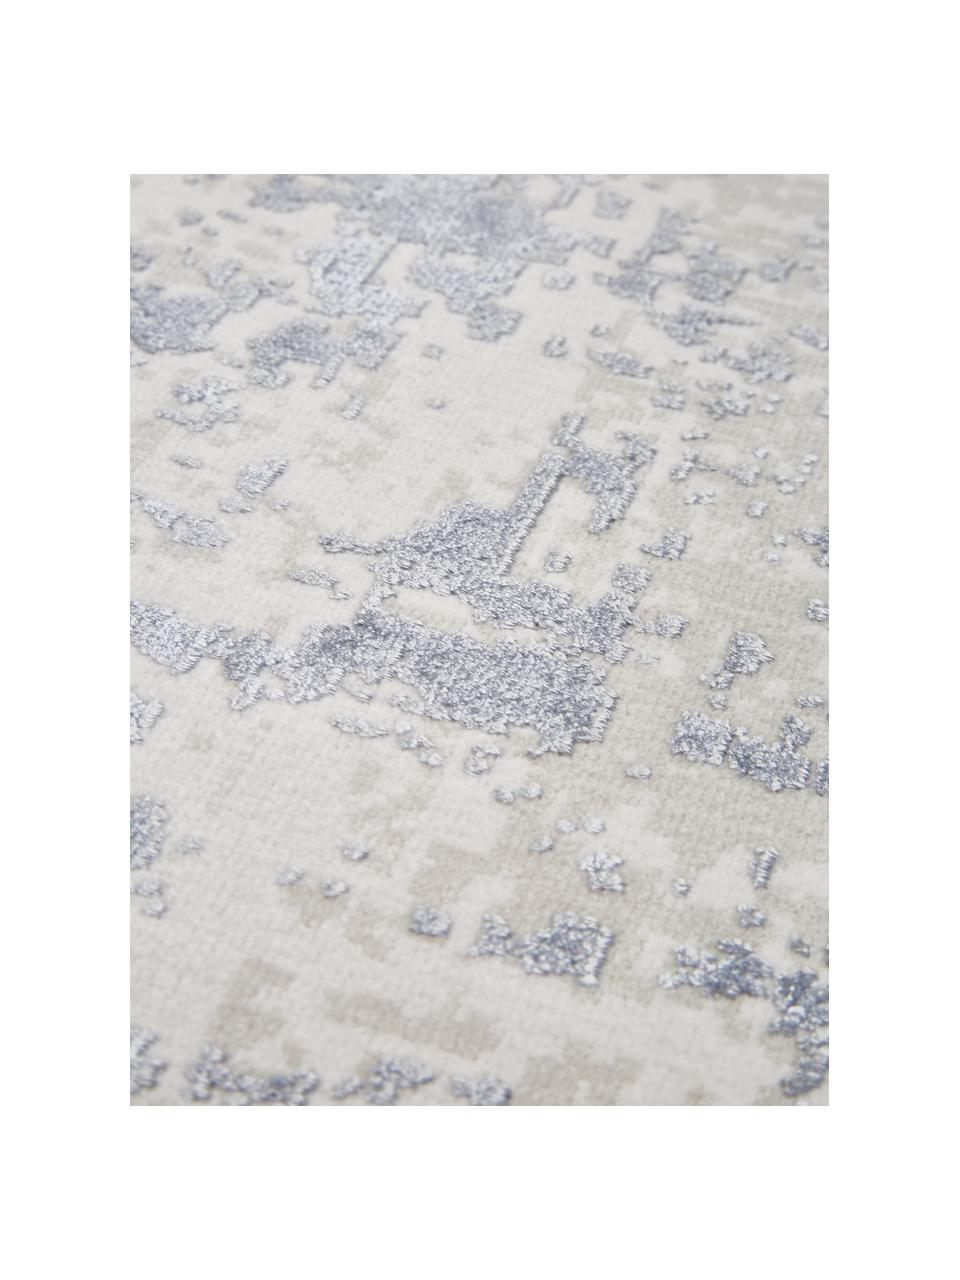 Dywan w stylu vintage z frędzlami z połyskiem Cordoba, Niebieski, szary, S 130 x D 190 cm (Rozmiar S)